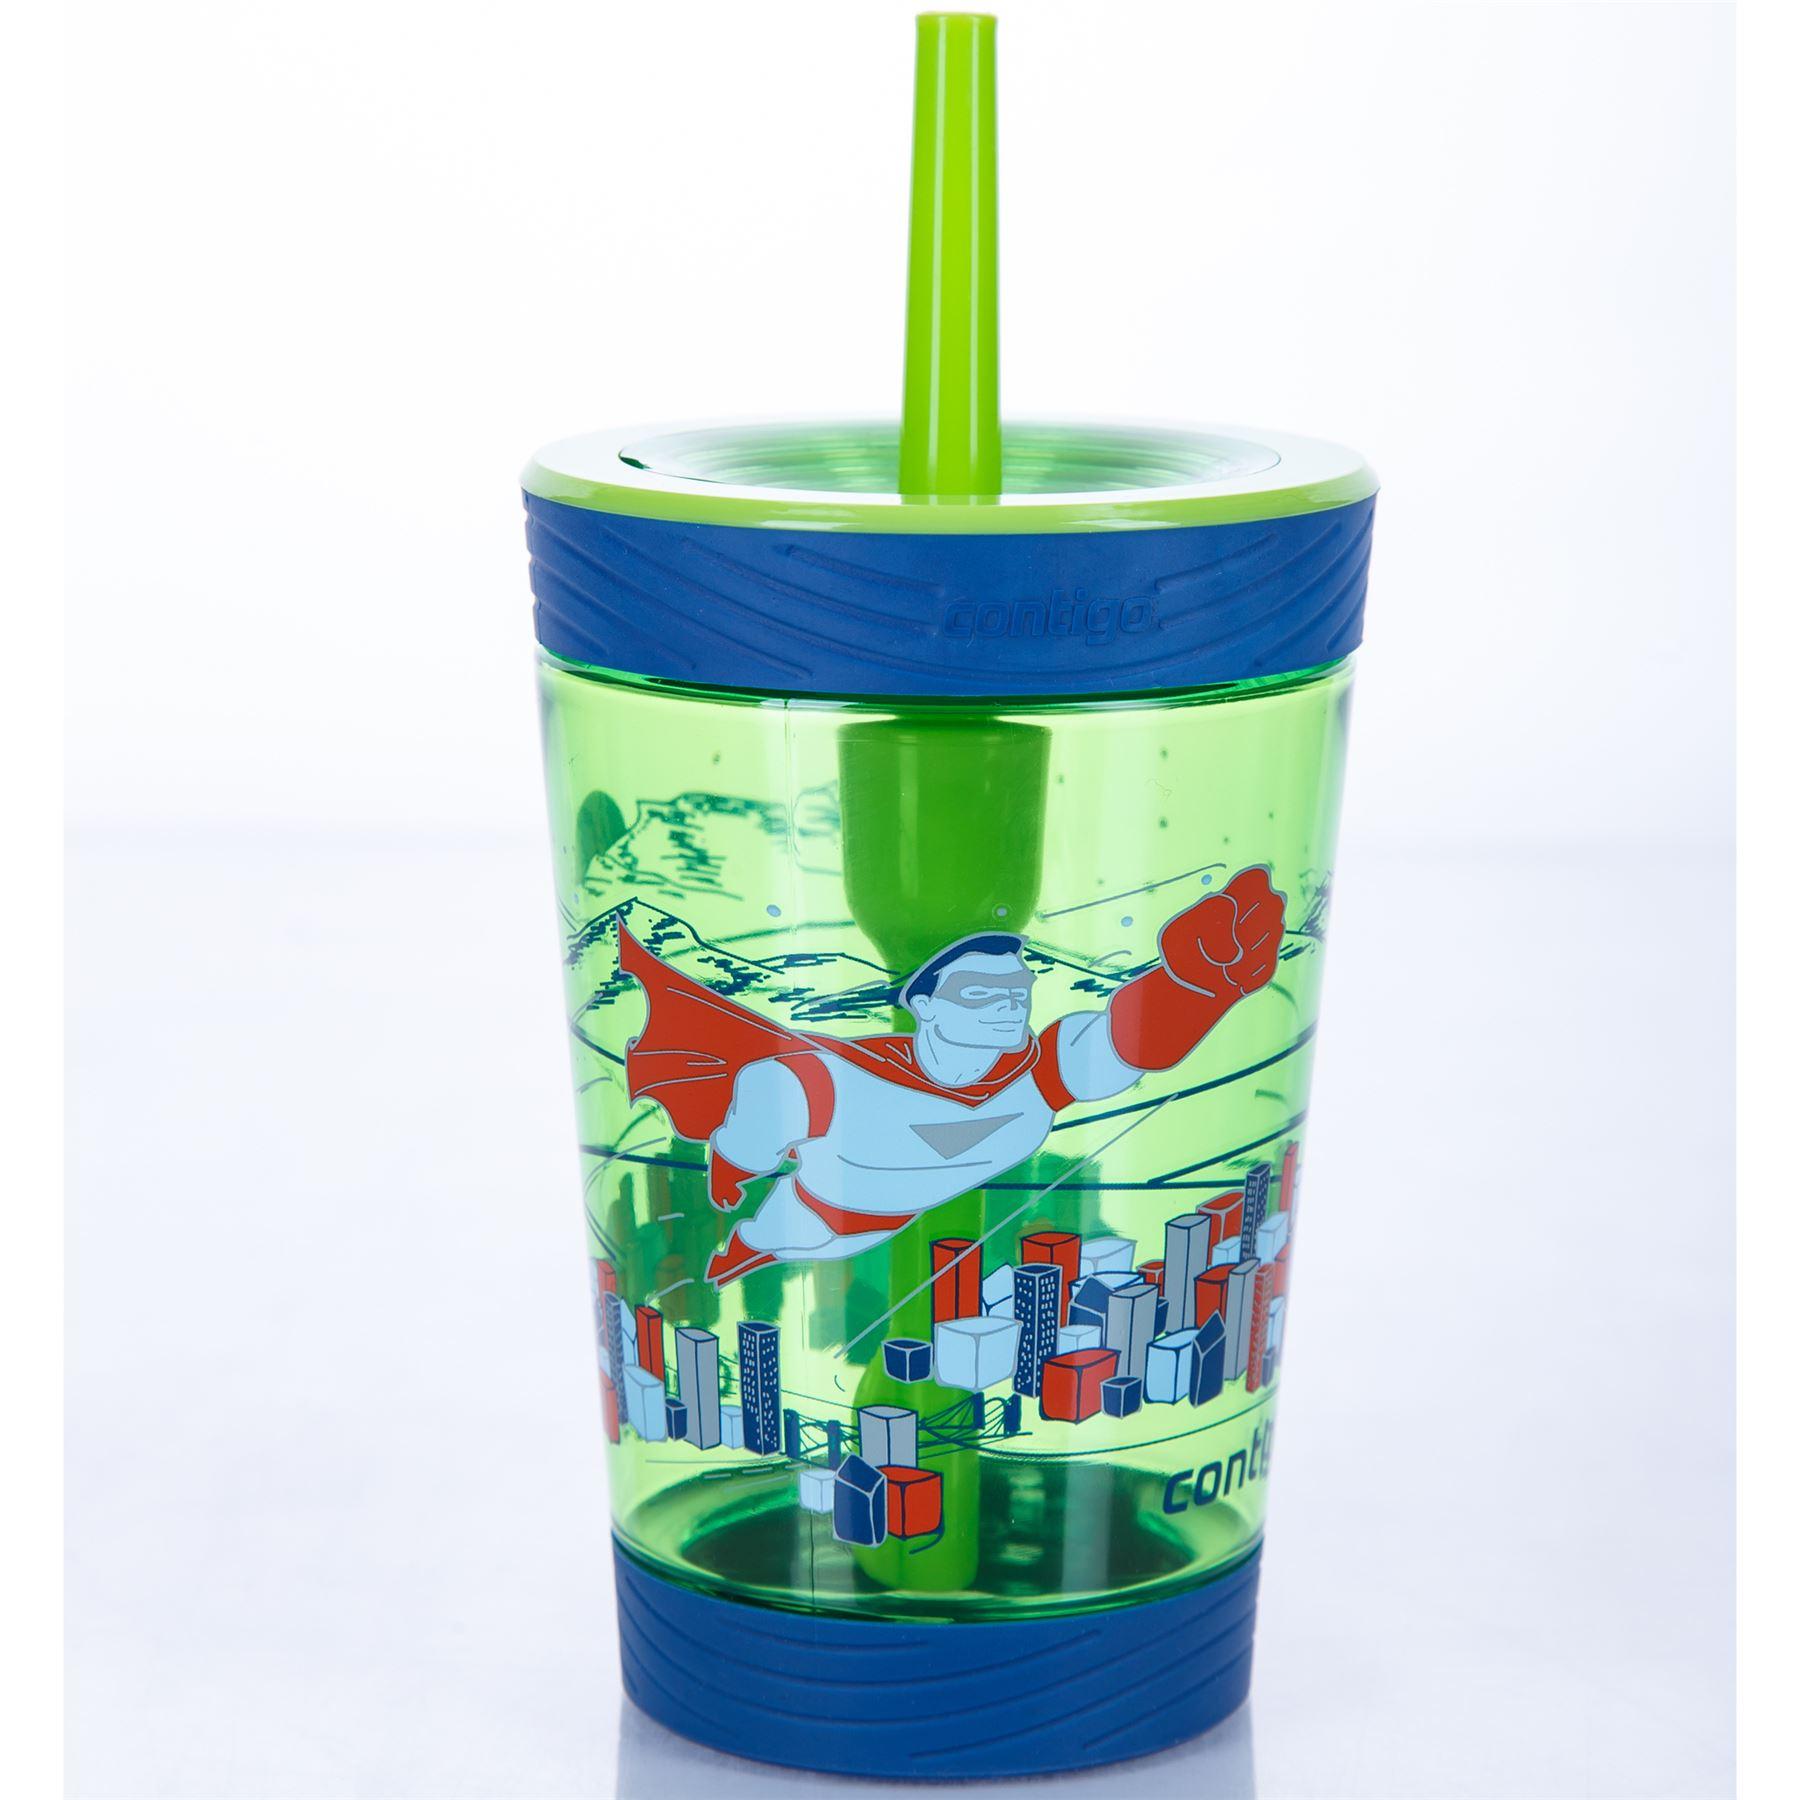 Contigo-Kids-039-Spill-Proof-Tumbler-boissons-bouteille-d-039-eau-avec-paille-BPA-Free-420-ml miniature 4